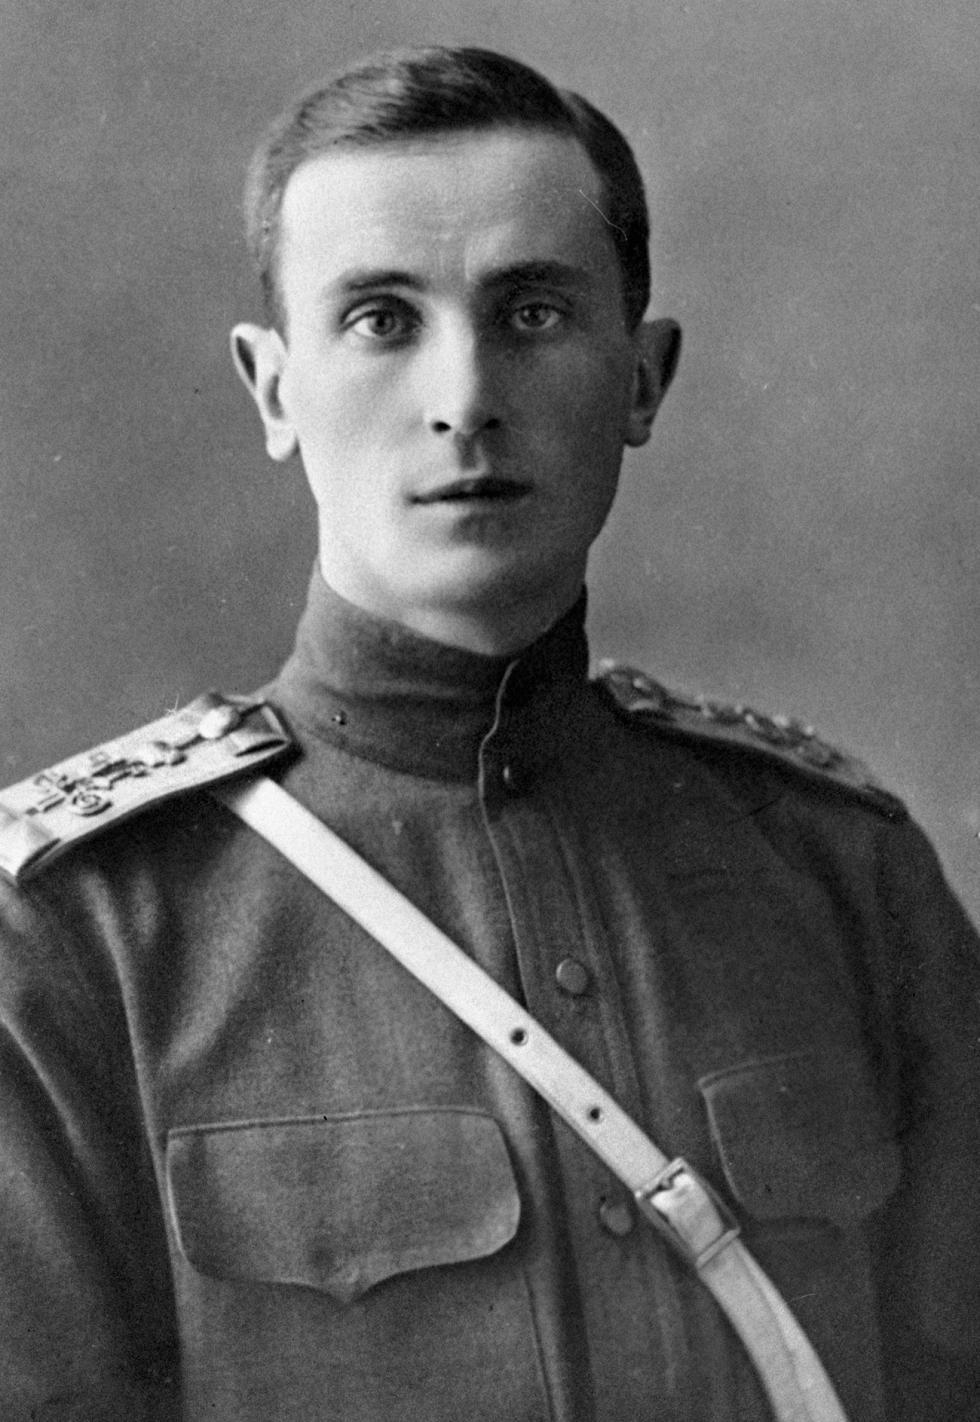 皇亲菲利克斯·尤苏波夫。 图片来源:俄新社